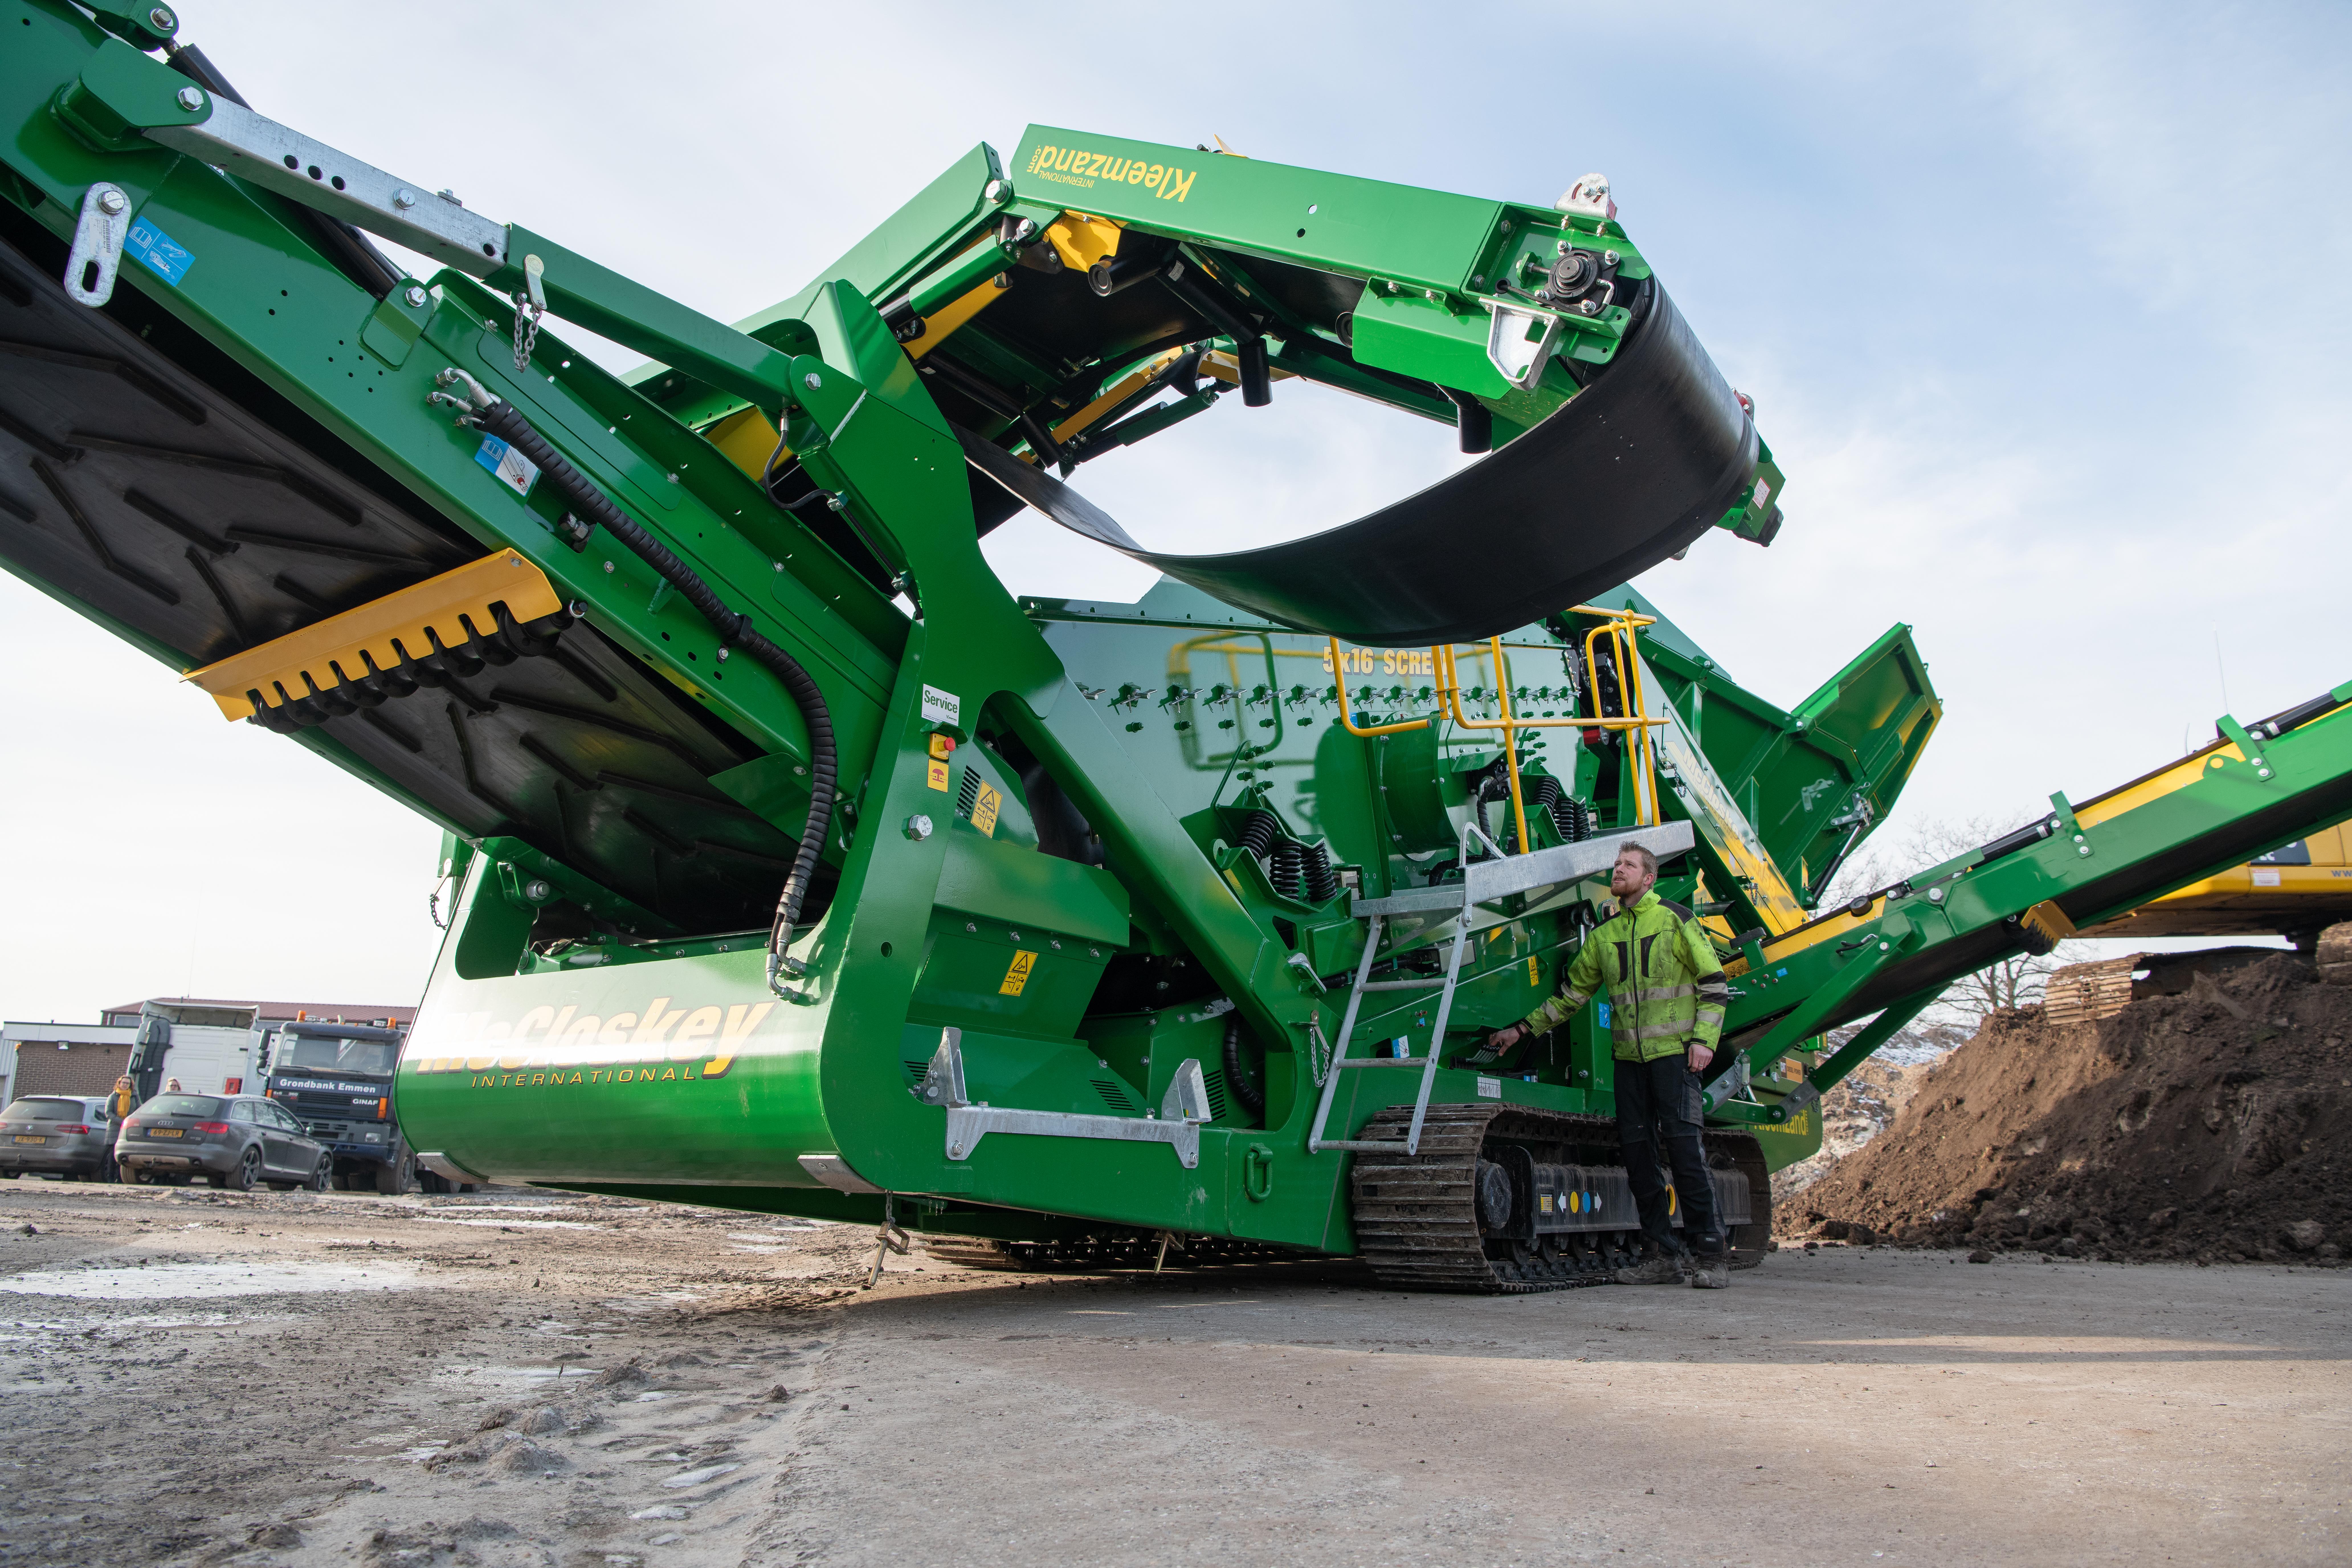 <p>De transportafmetingen van de 32,6 ton zware machine zijn 3,4 meter hoog, 2,9 meter breed en 15,3 meter lang. De machine kan op een euro dieplader vervoerd worden.</p>